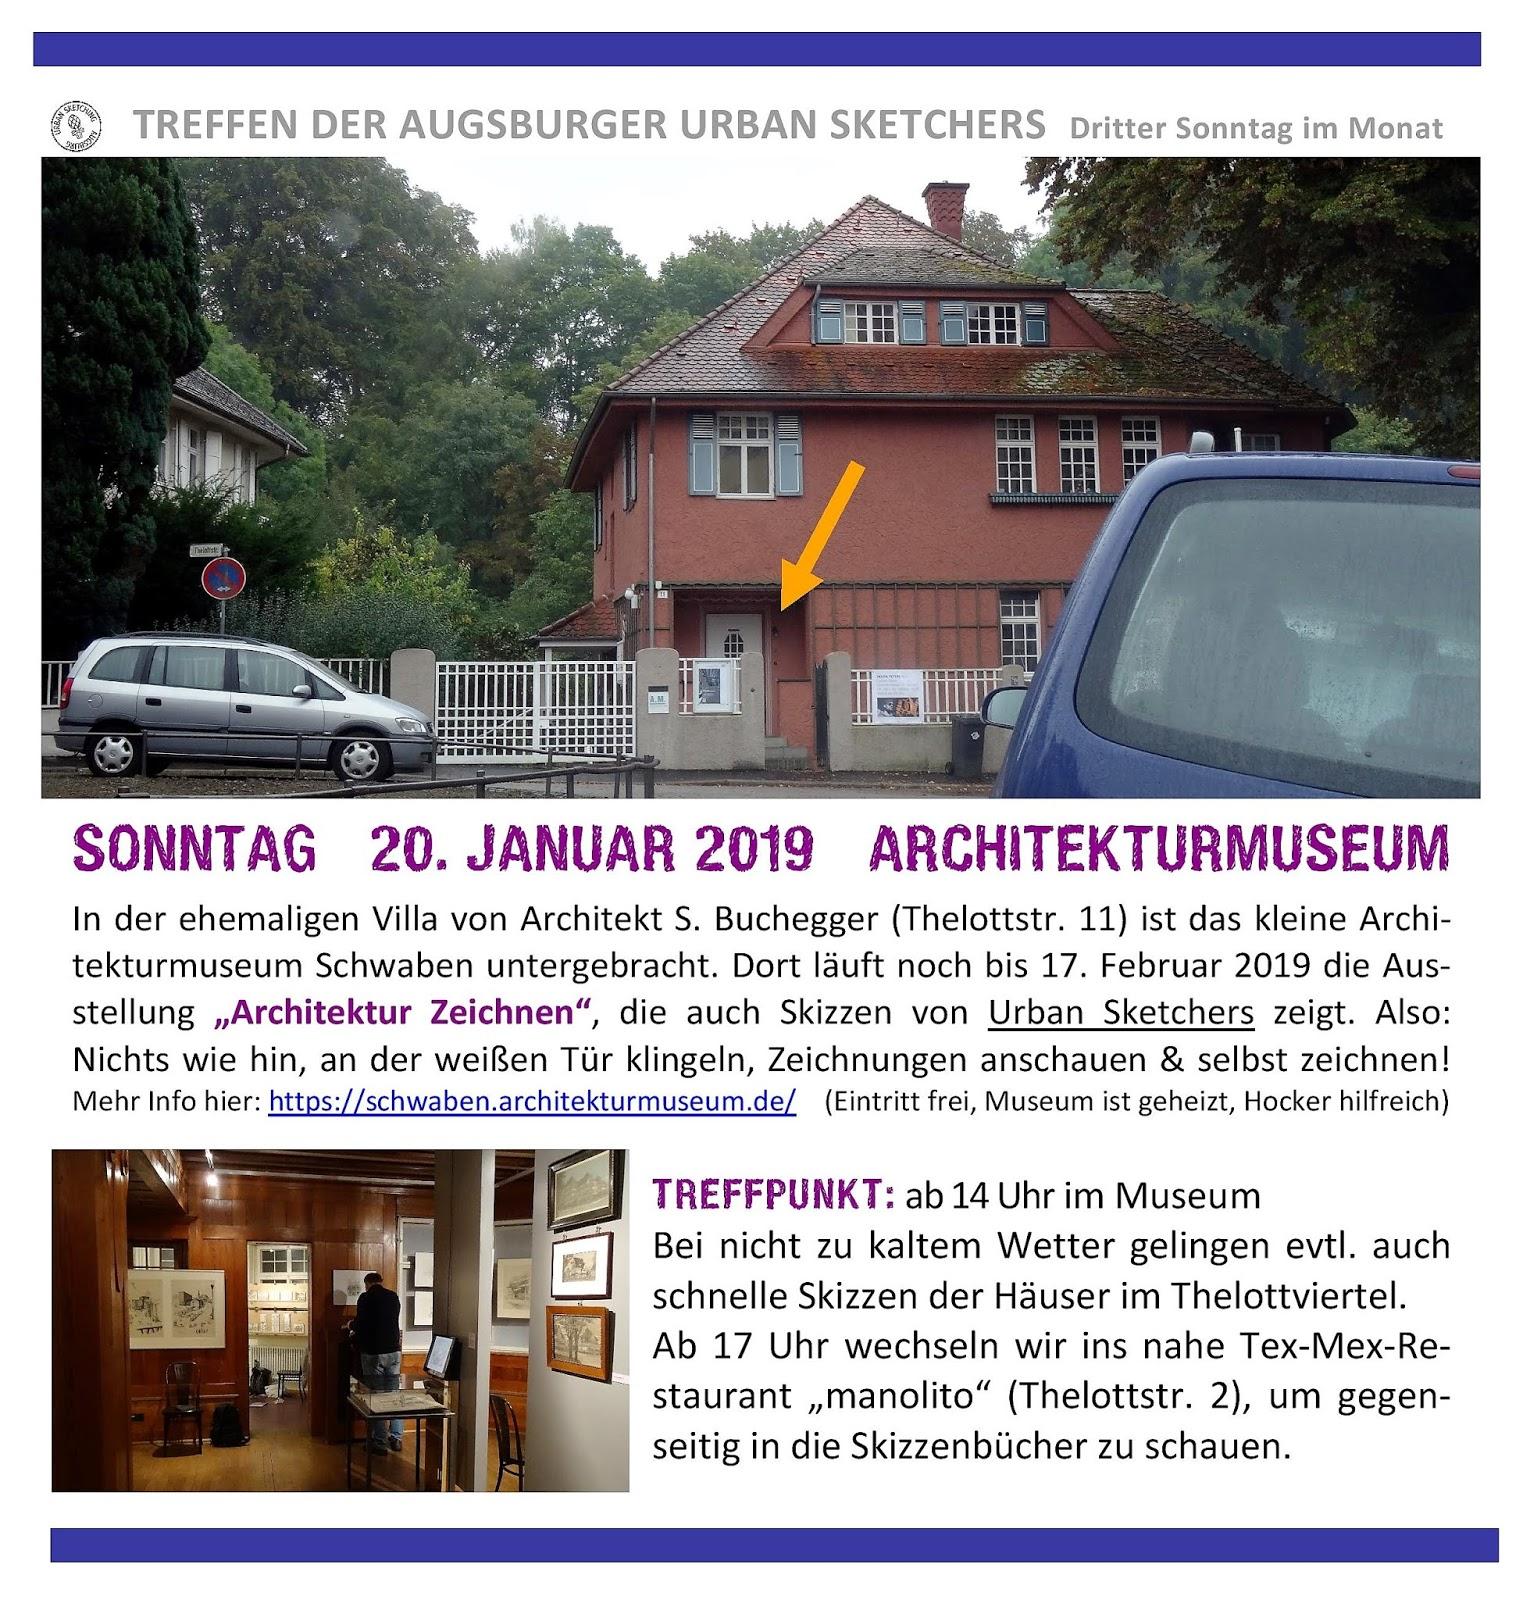 Urban Sketchers Augsburg Zeichnen Im Architekturmuseum Schwaben